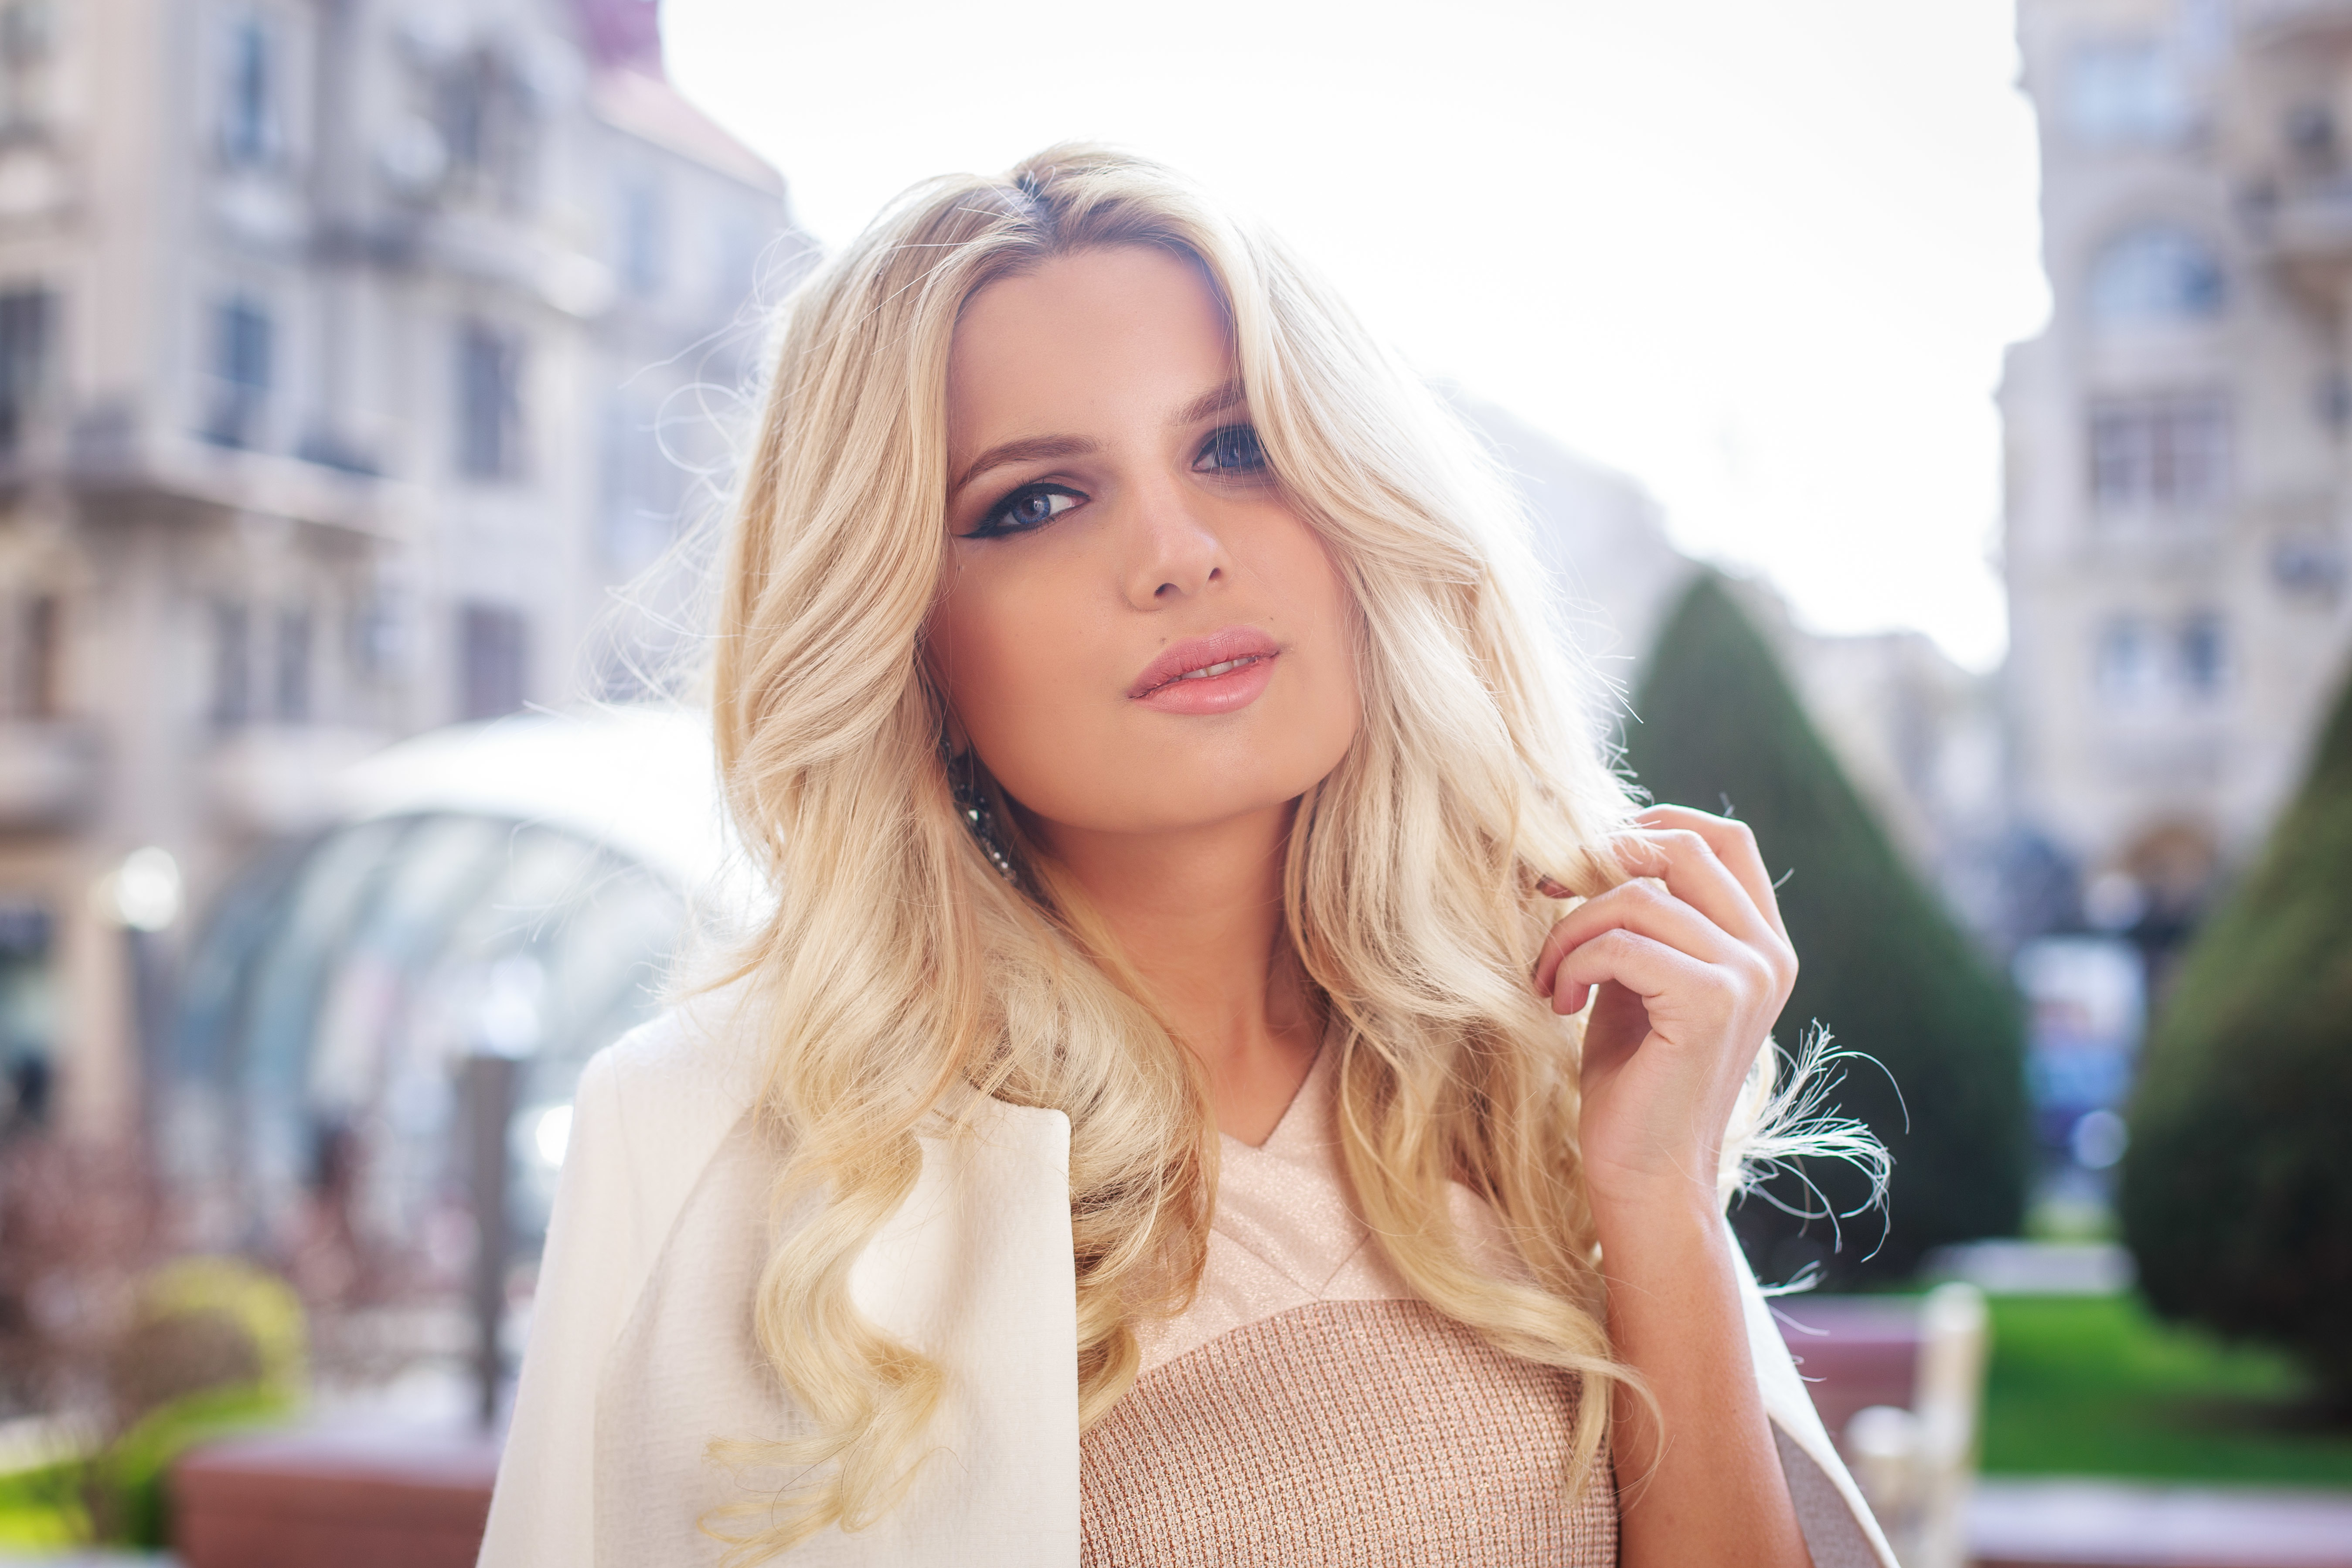 Проверка на блондинку, Тест: Идеальная блондинка это - психологический 23 фотография